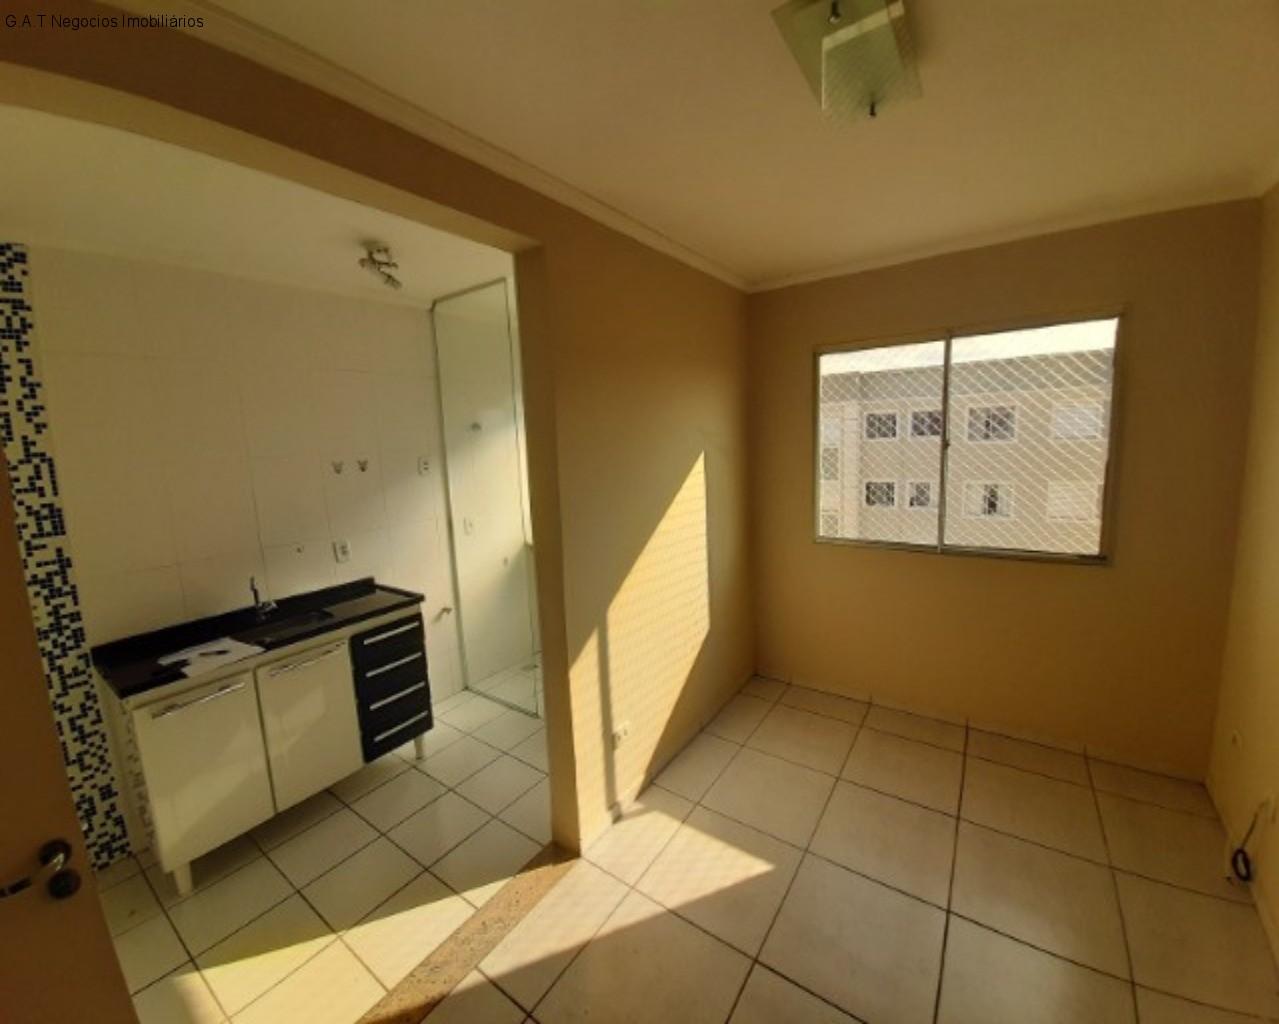 Apartamento com 1 Quarto,BAIRRO DA VOSSOROCA, Sorocaba